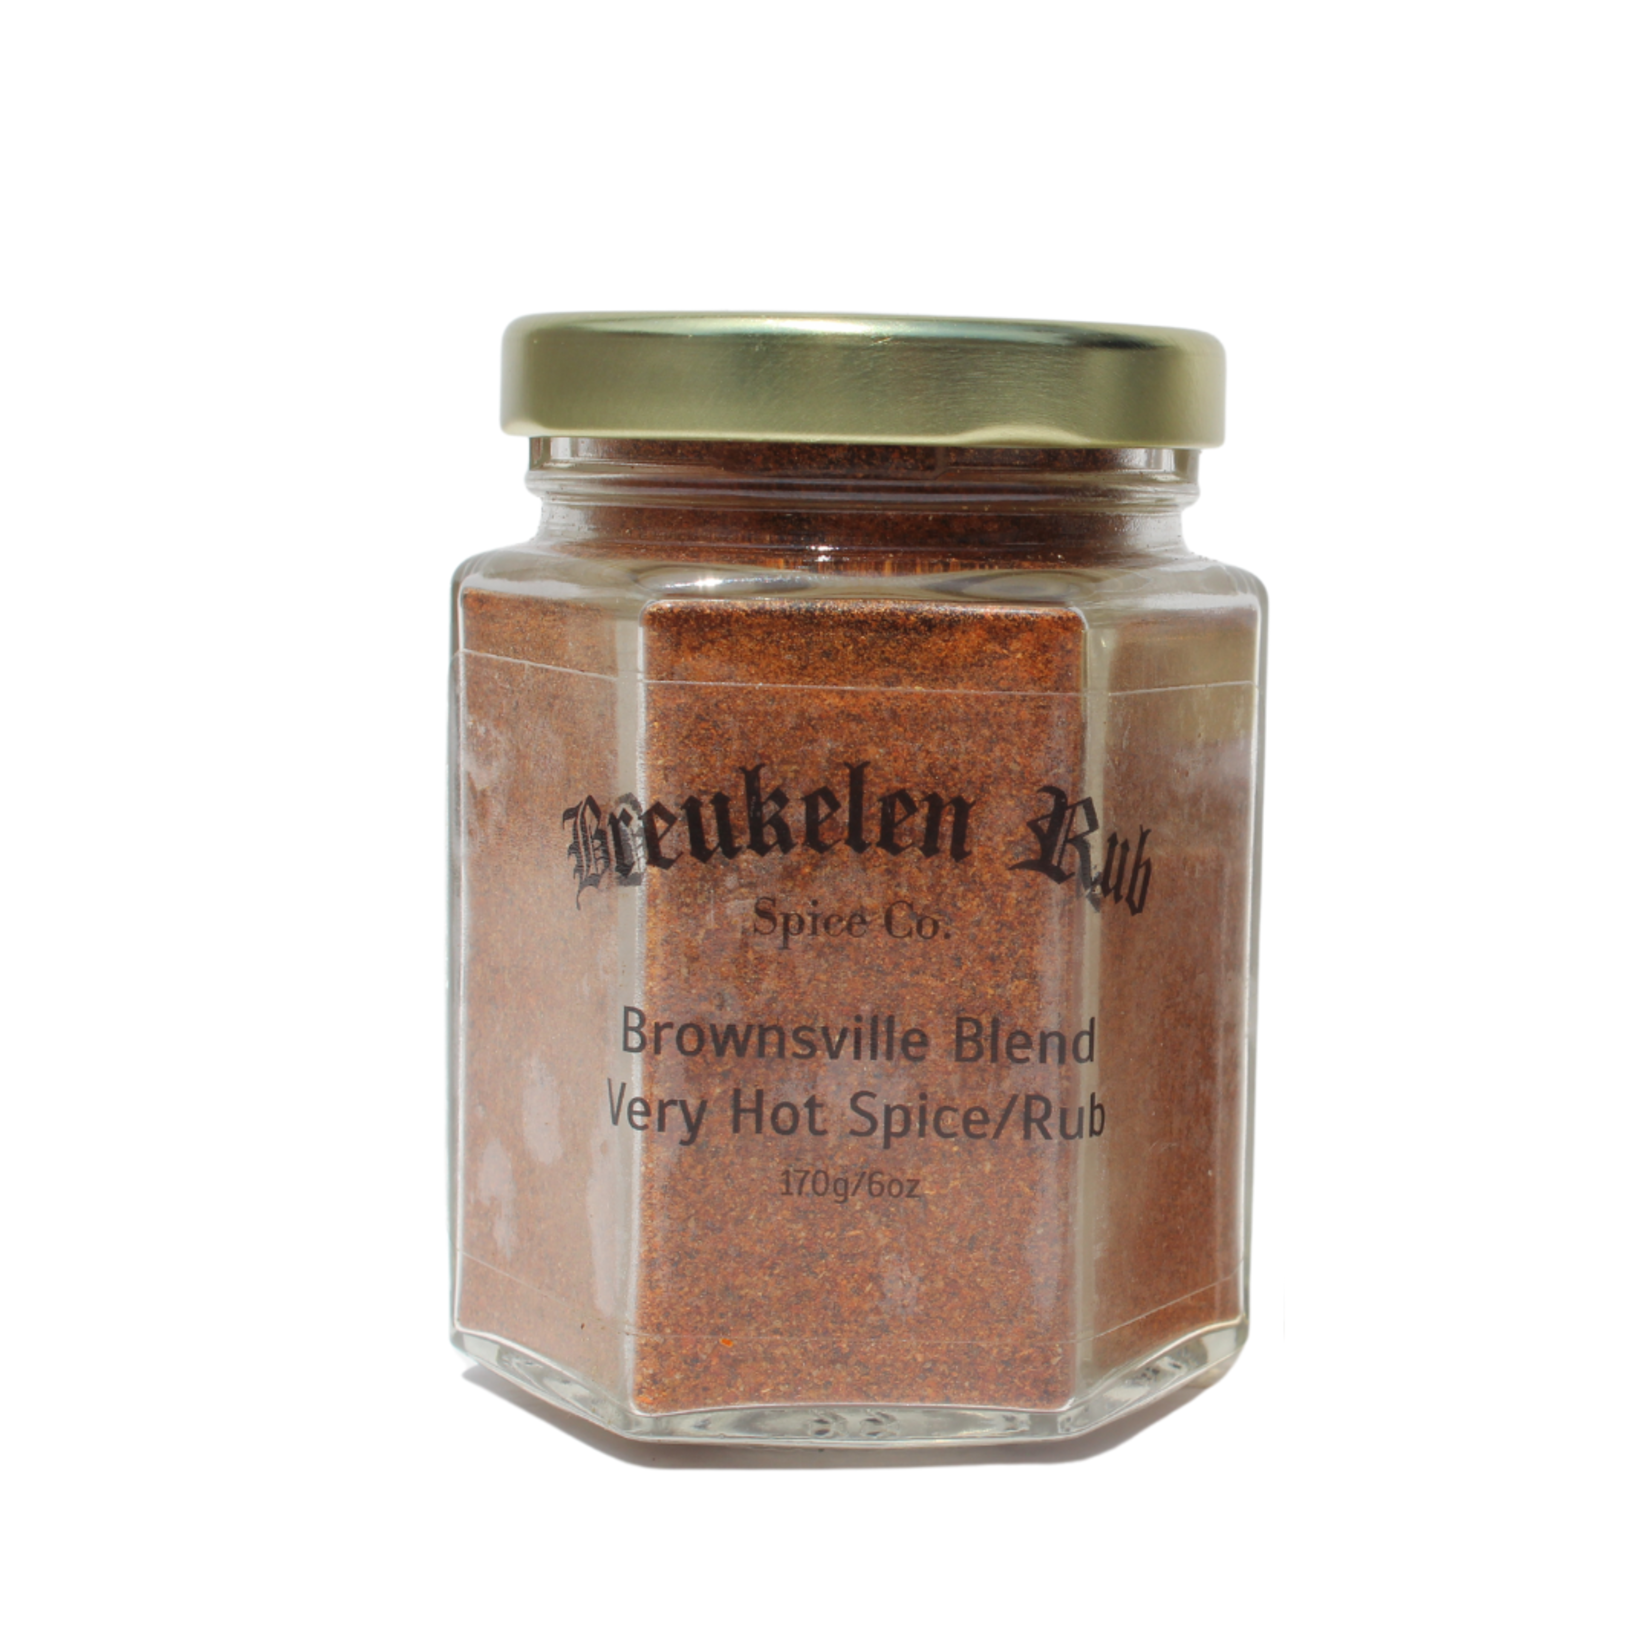 Brownsville Blend Breukelen Rub